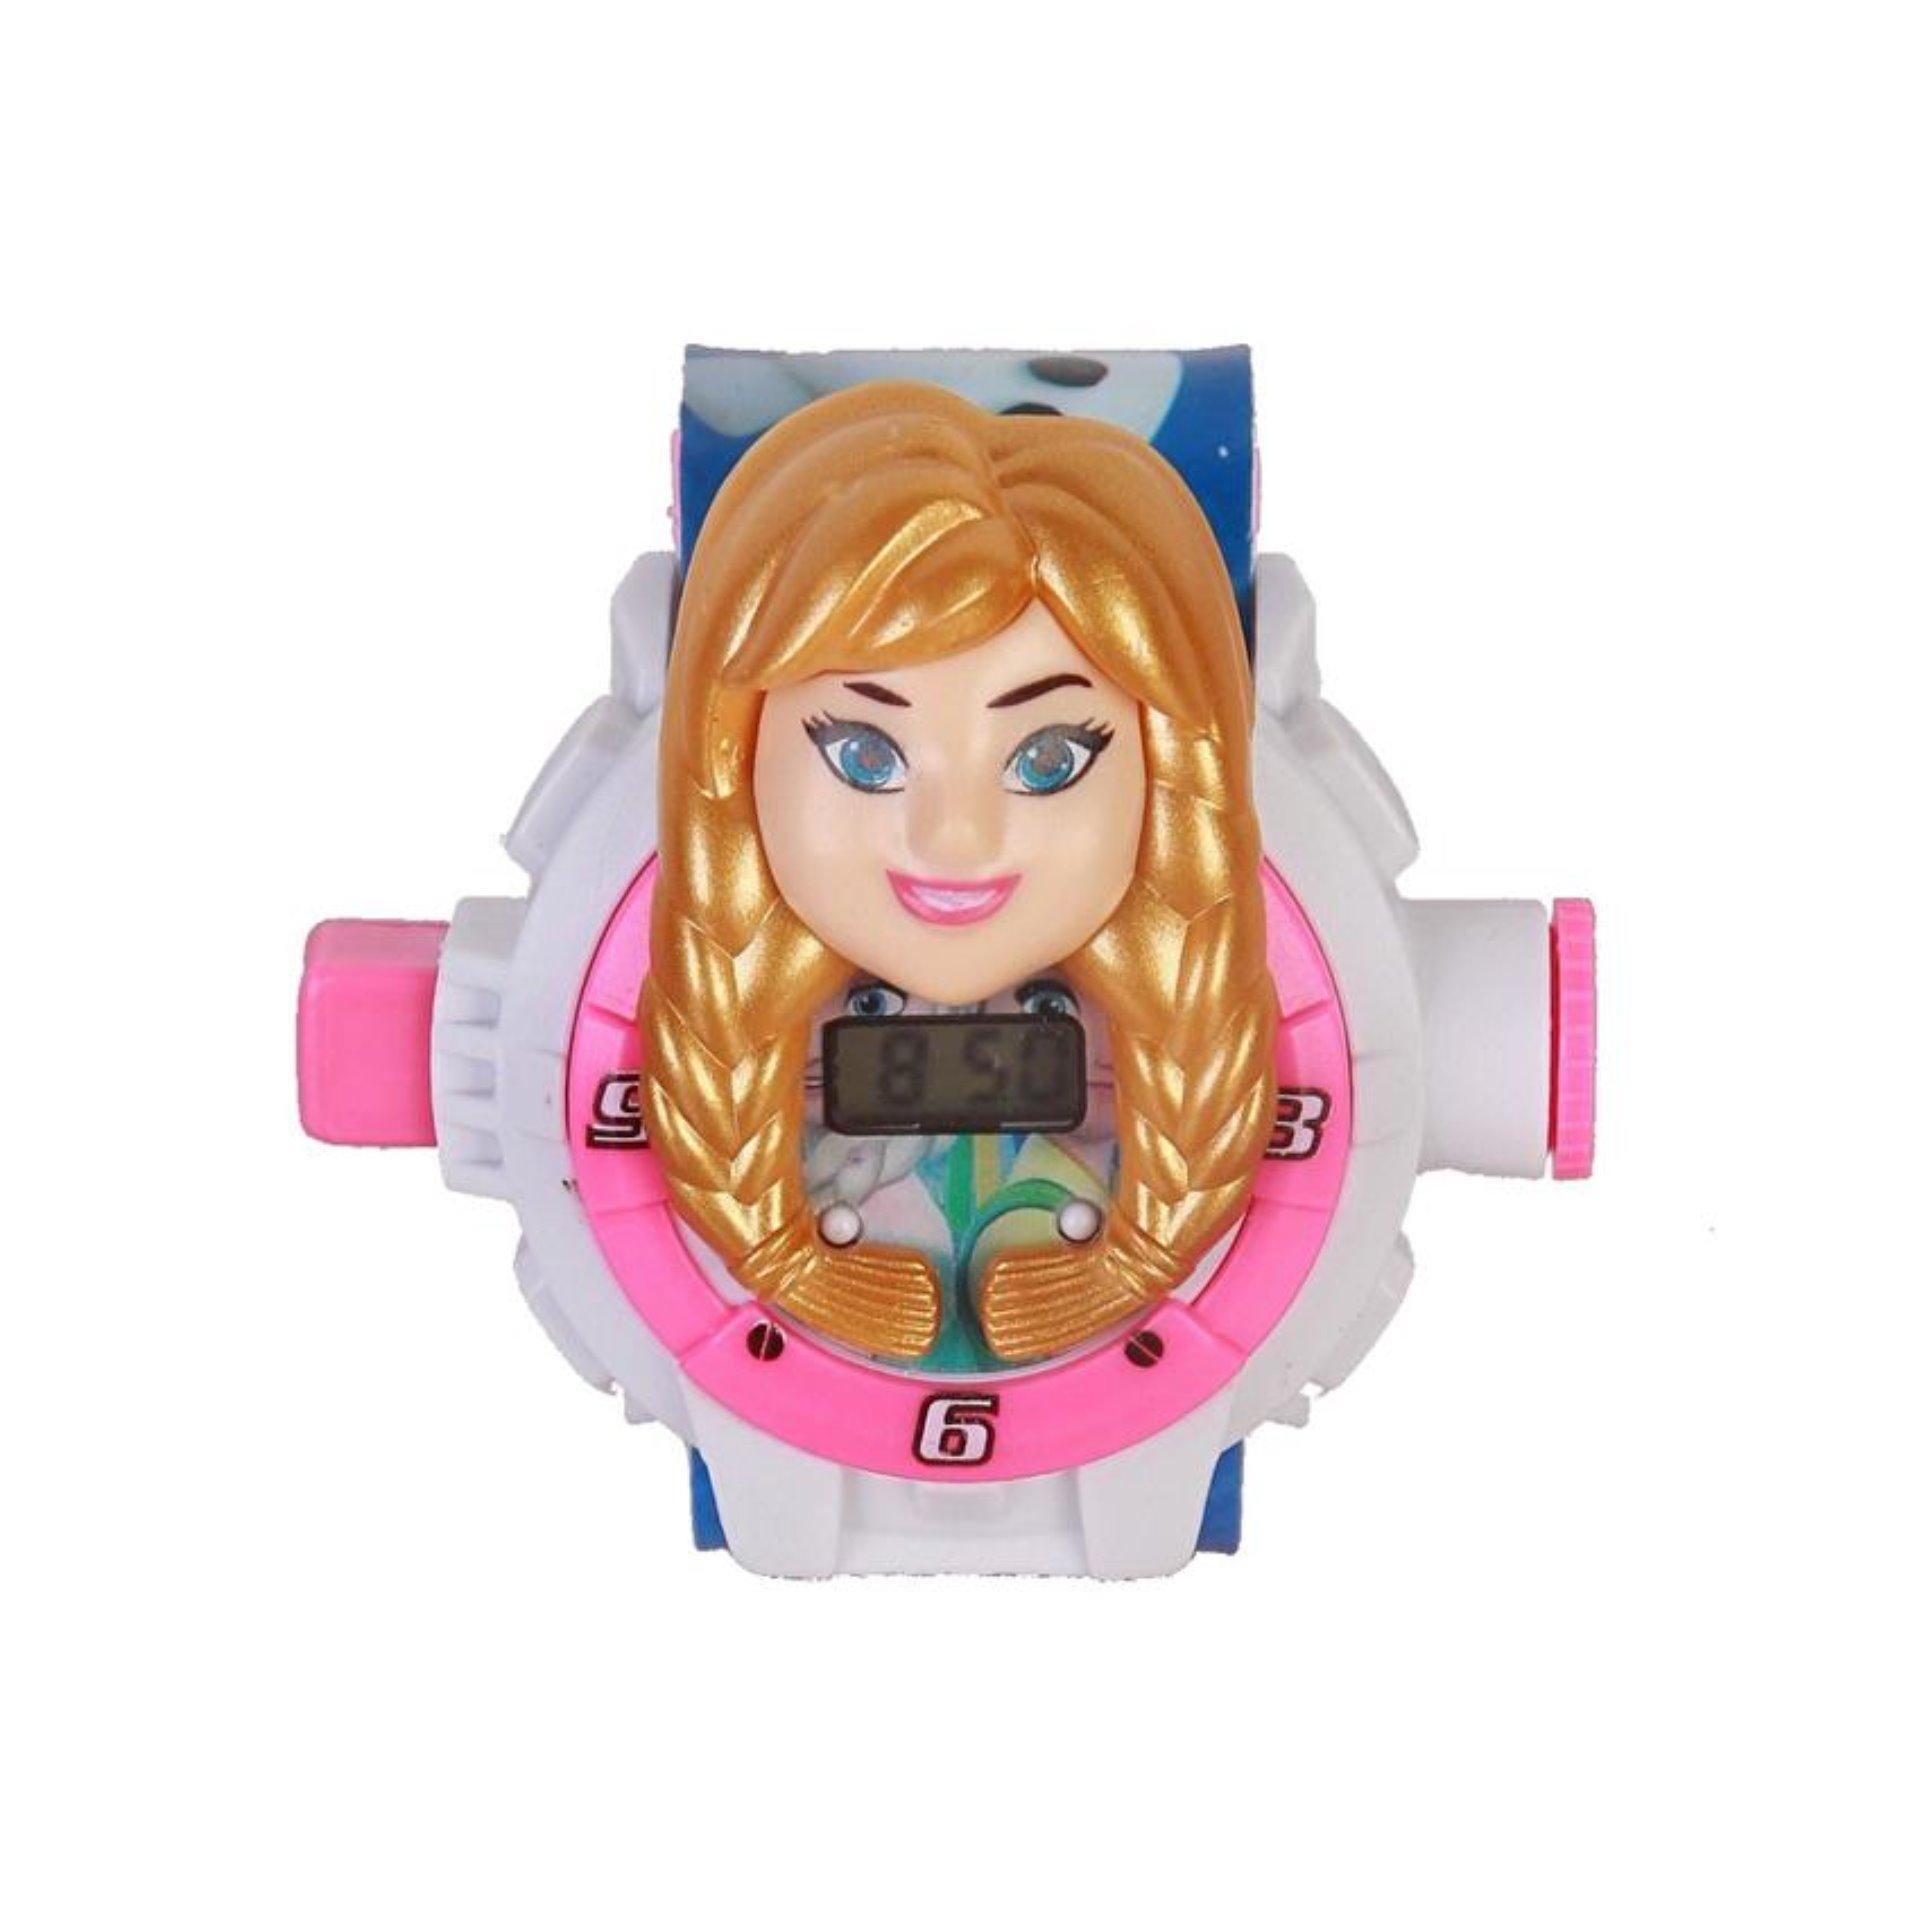 SerenaStore Jam Tangan Anak Proyektor Model Karakter 3D Frozen - Putih .